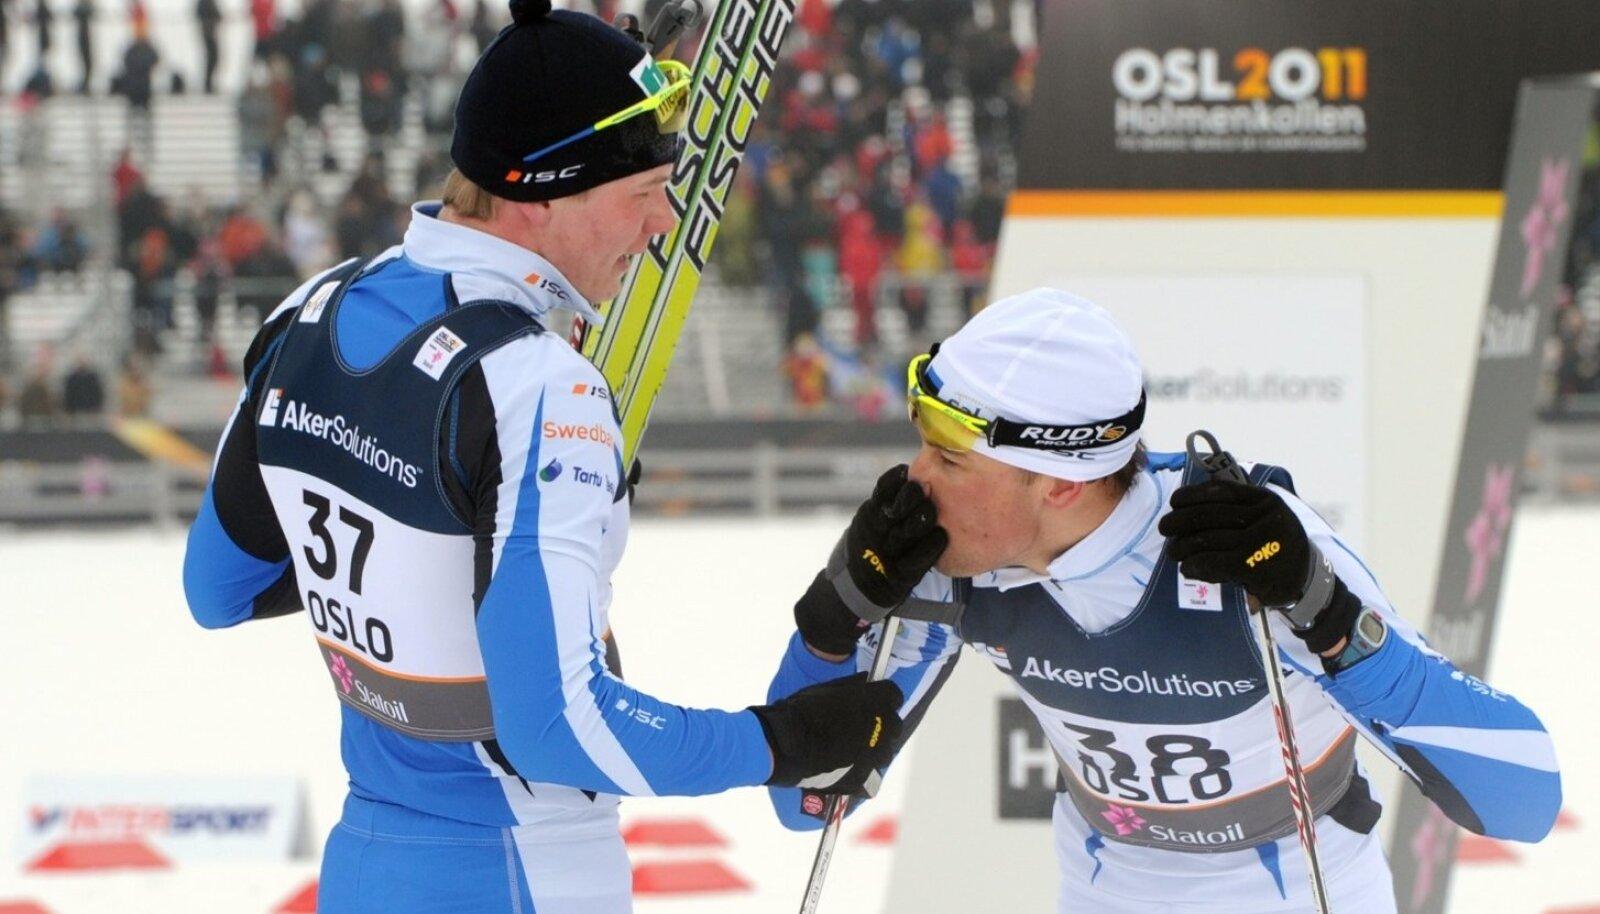 Suusatamise MM Oslos.Meeste 15 km. klassika